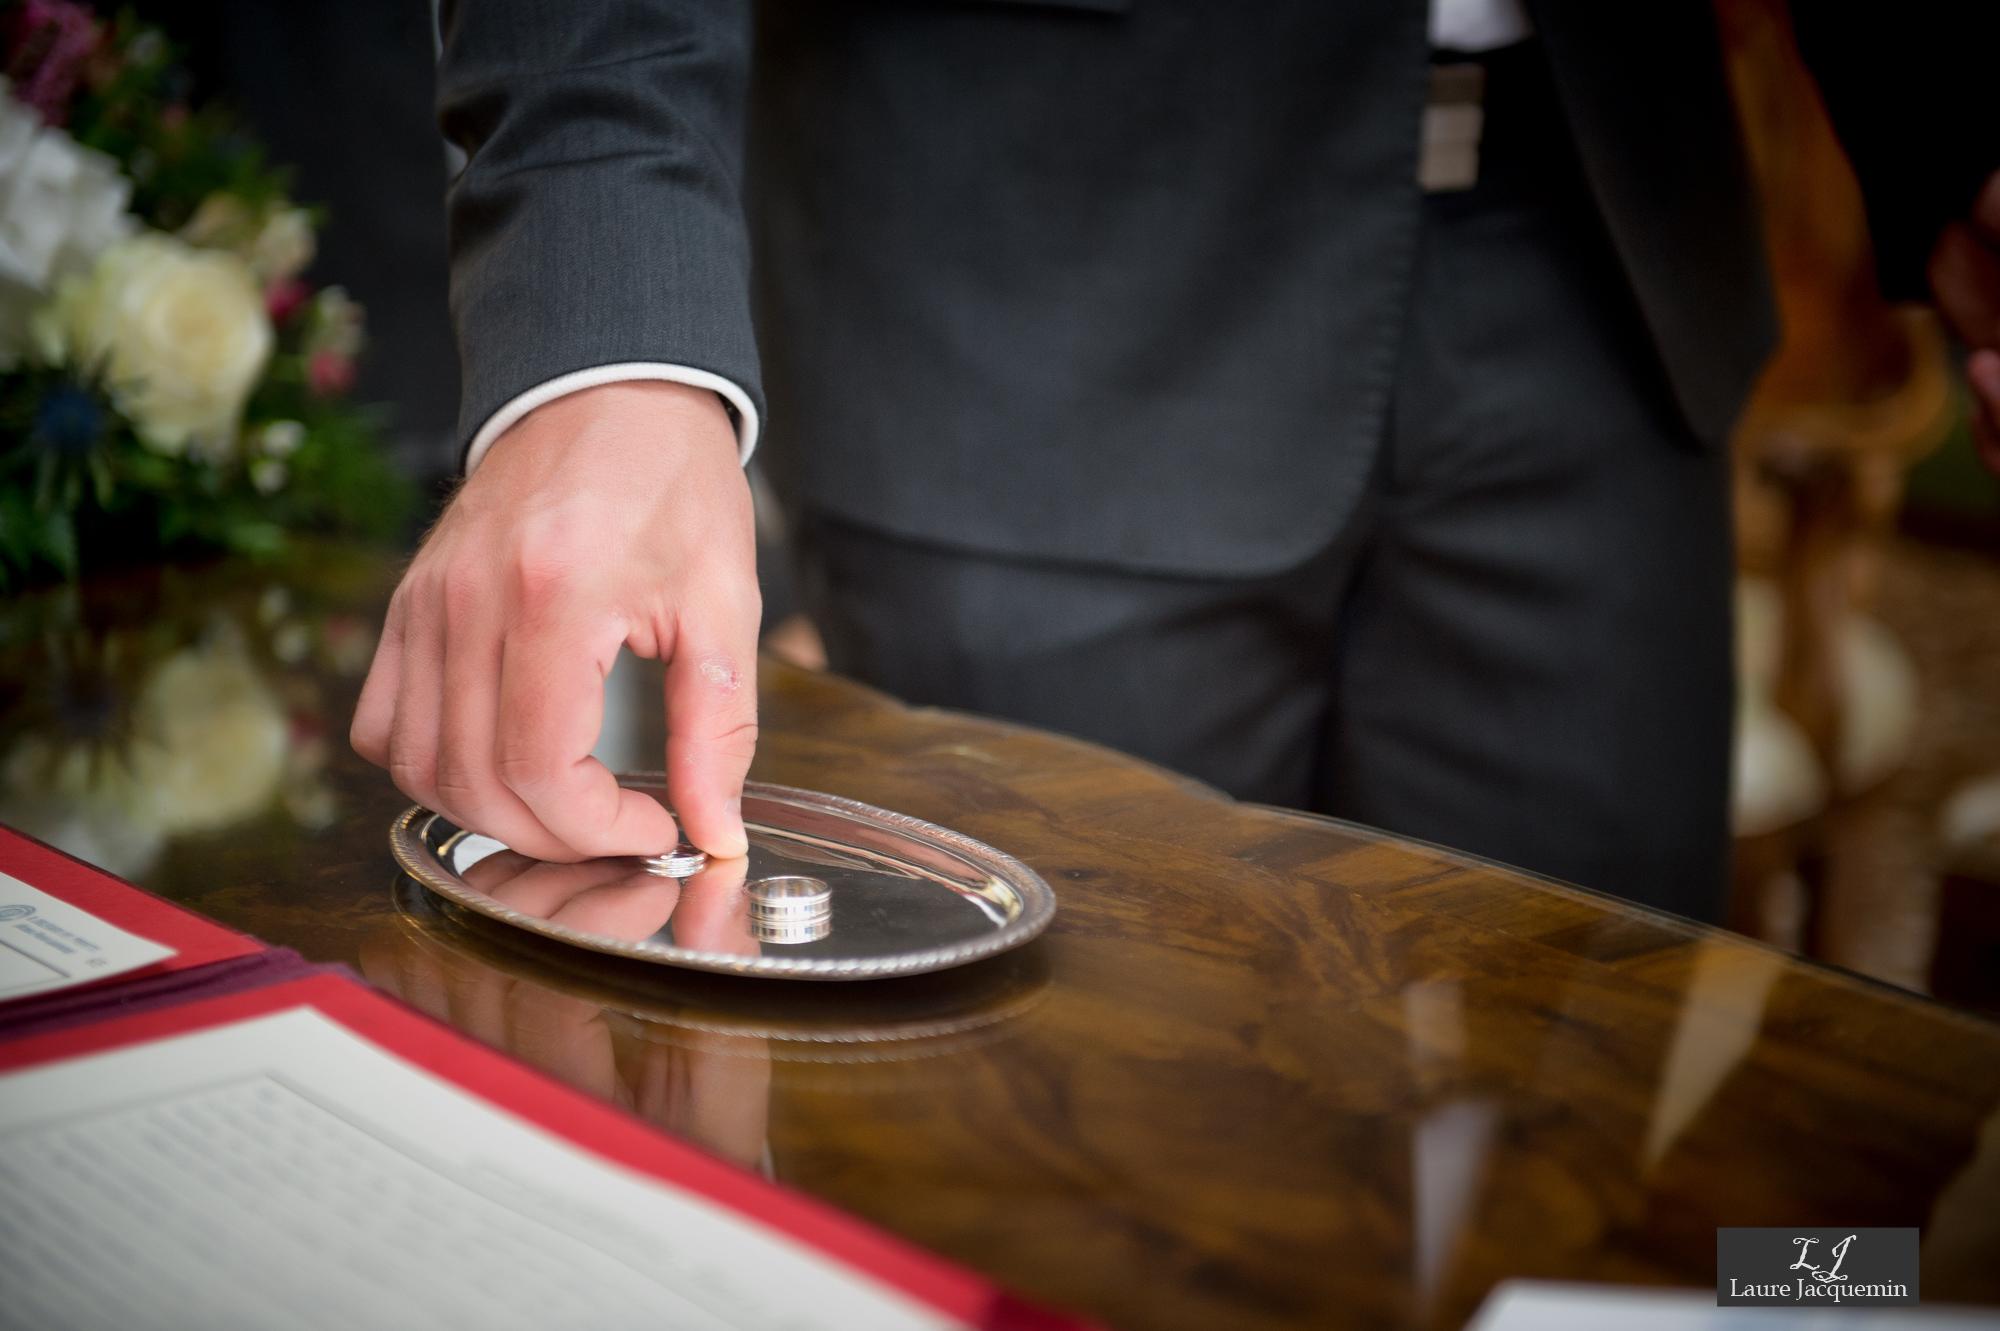 photographe mariage laure jacquemin palazzo cavalli service photographique (19)